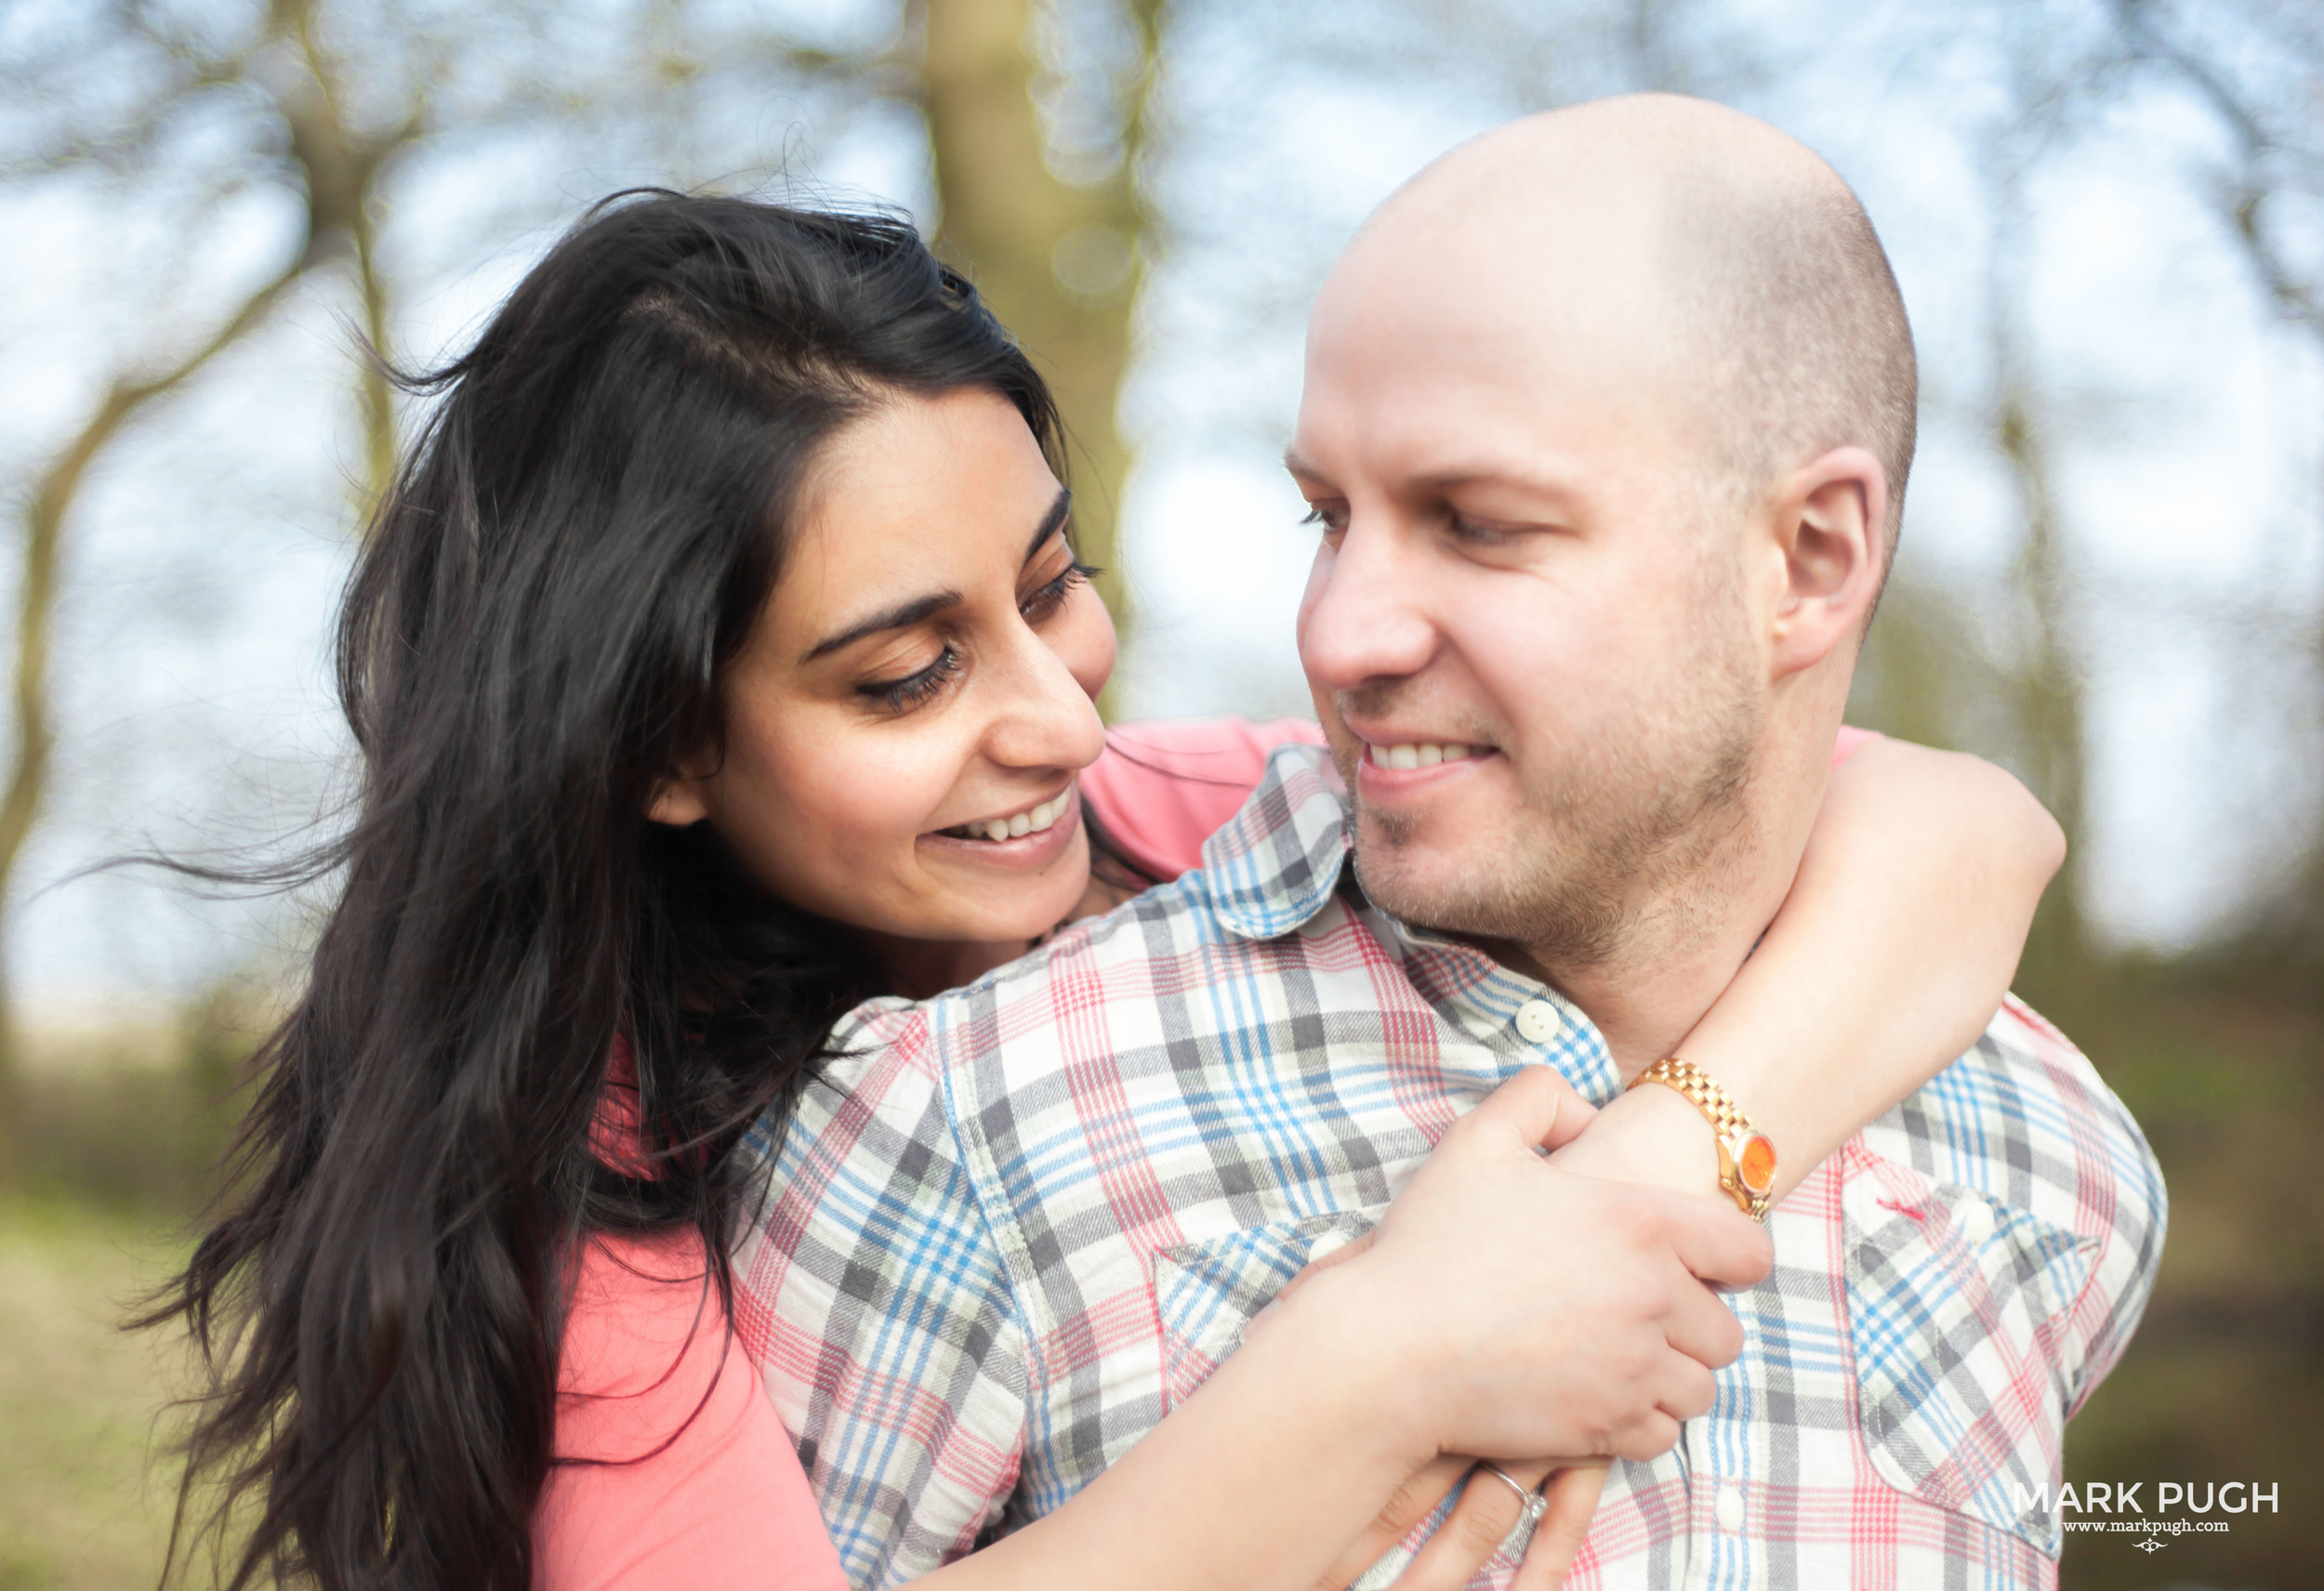 Sheena and Andrew in Birmingham, UK.